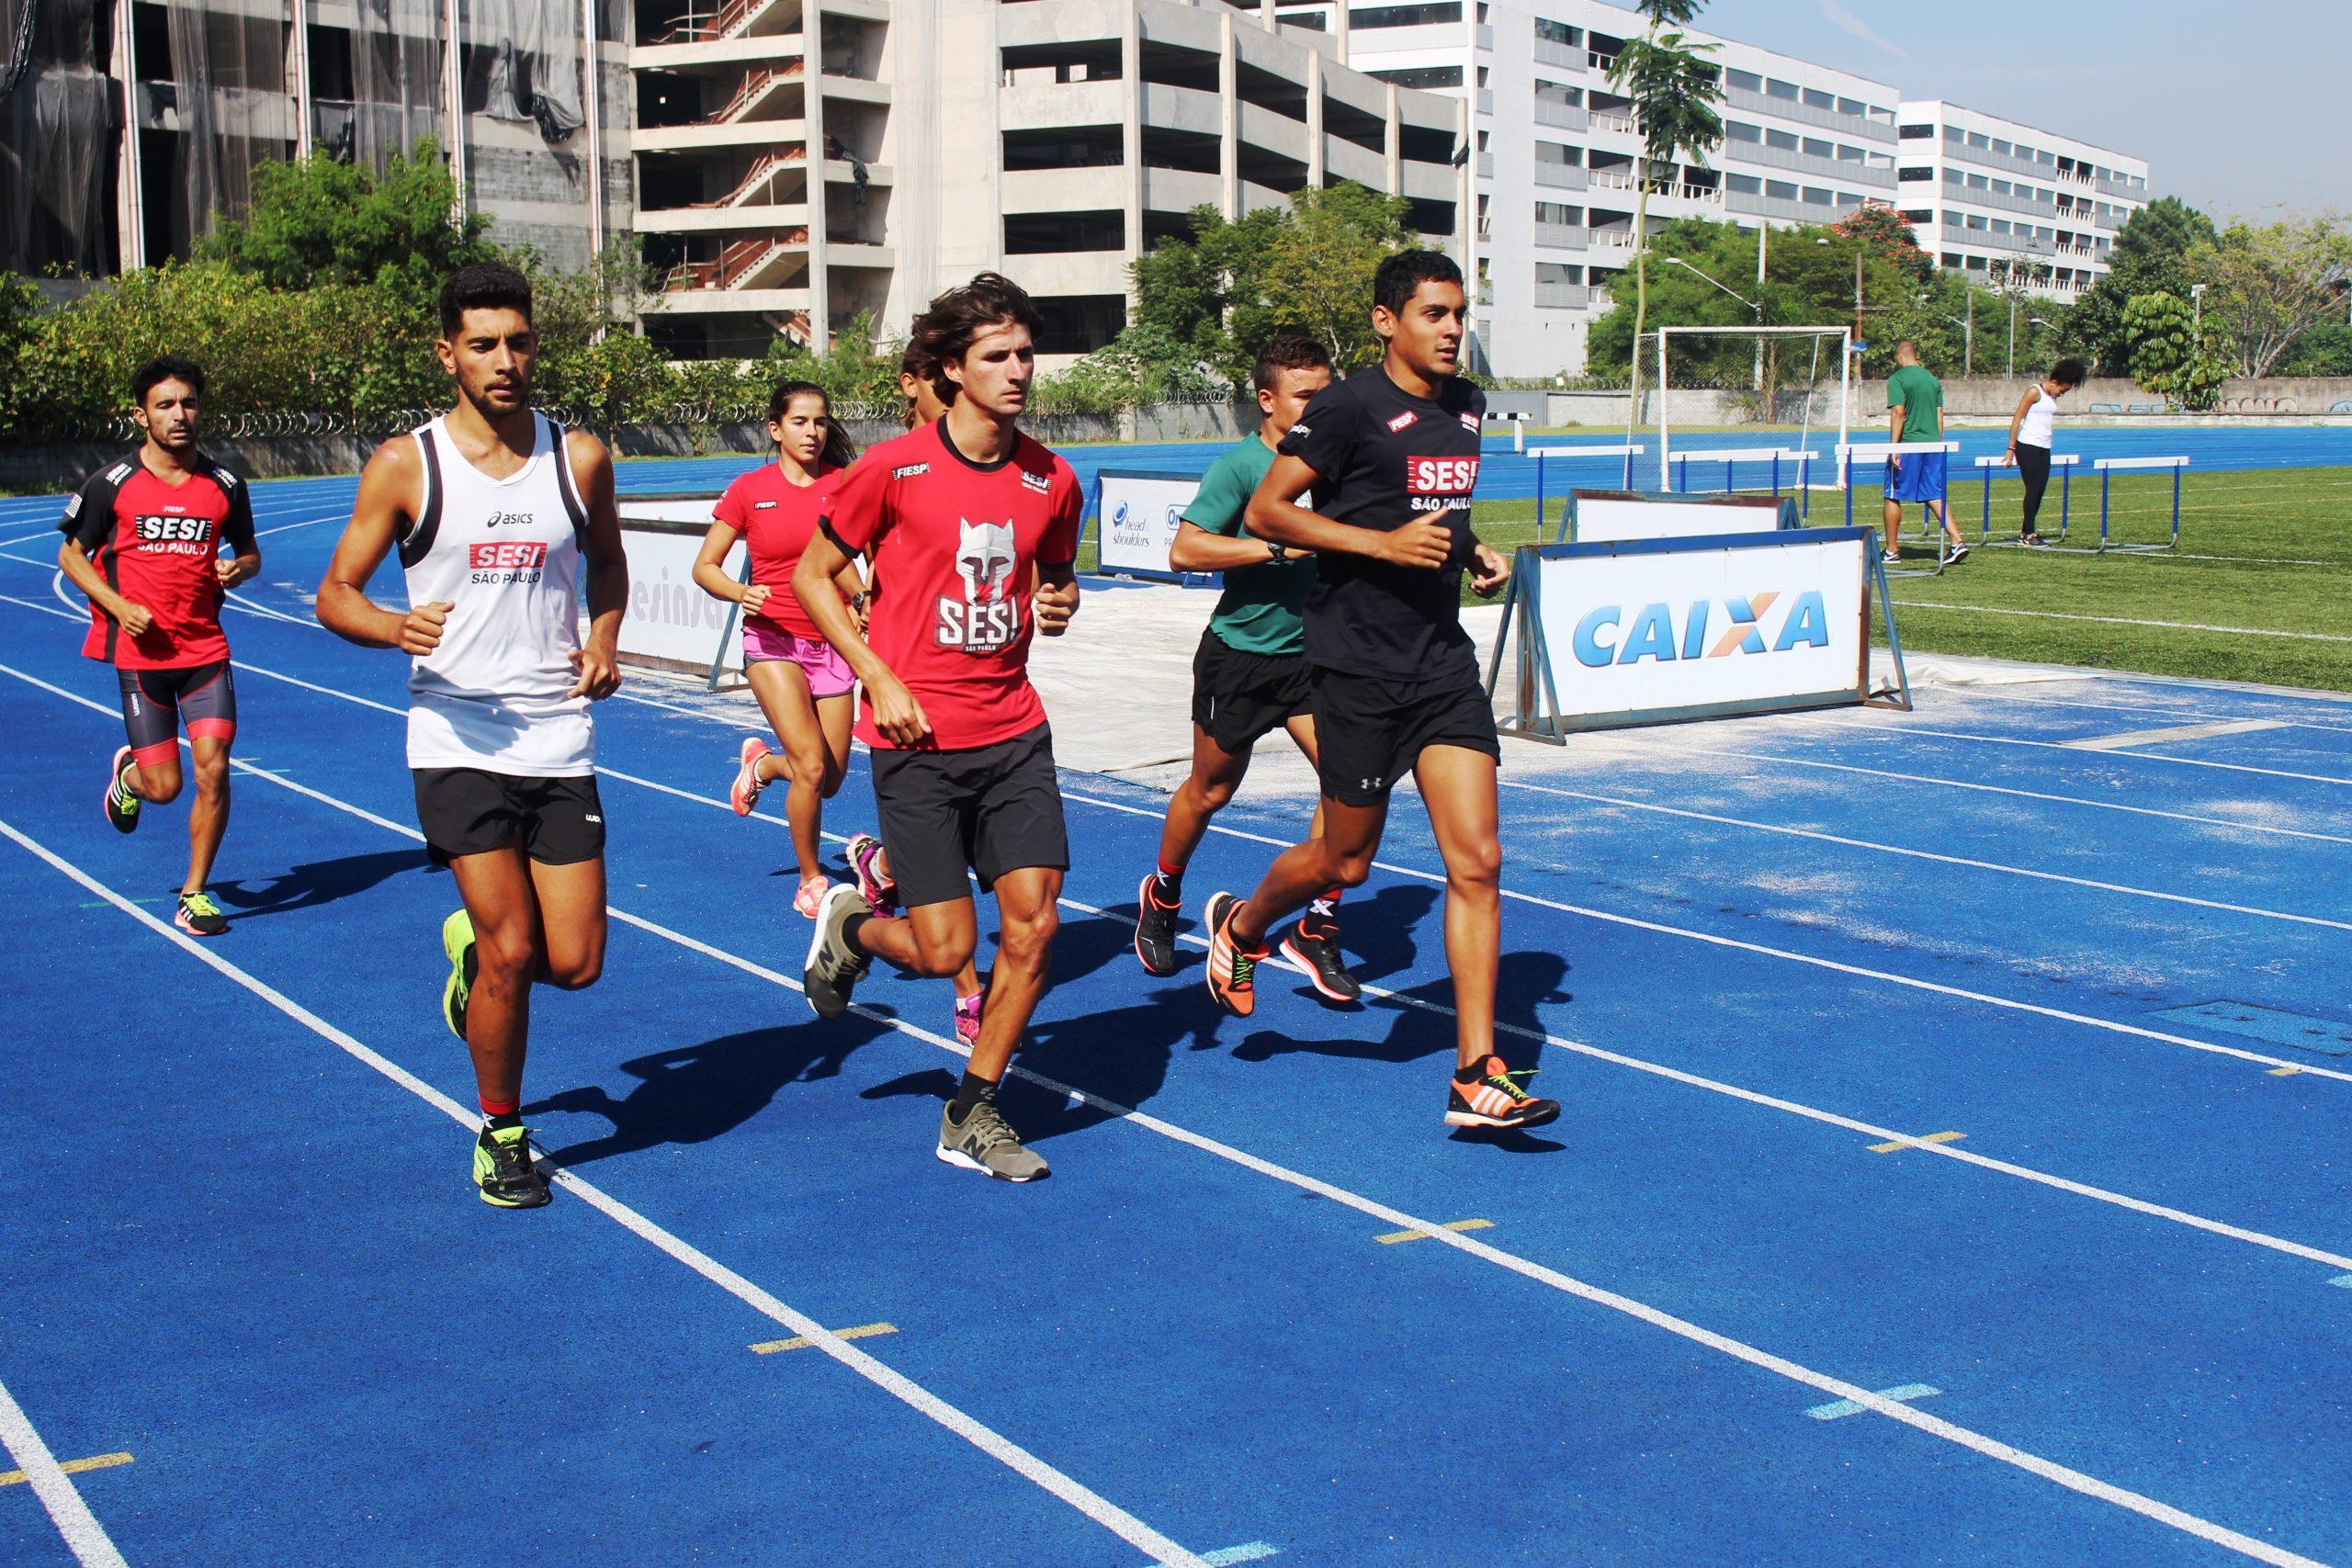 Equipe SESI-São Paulo de triatlo se prepara para Campeonato Brasileiro no NAR-SP